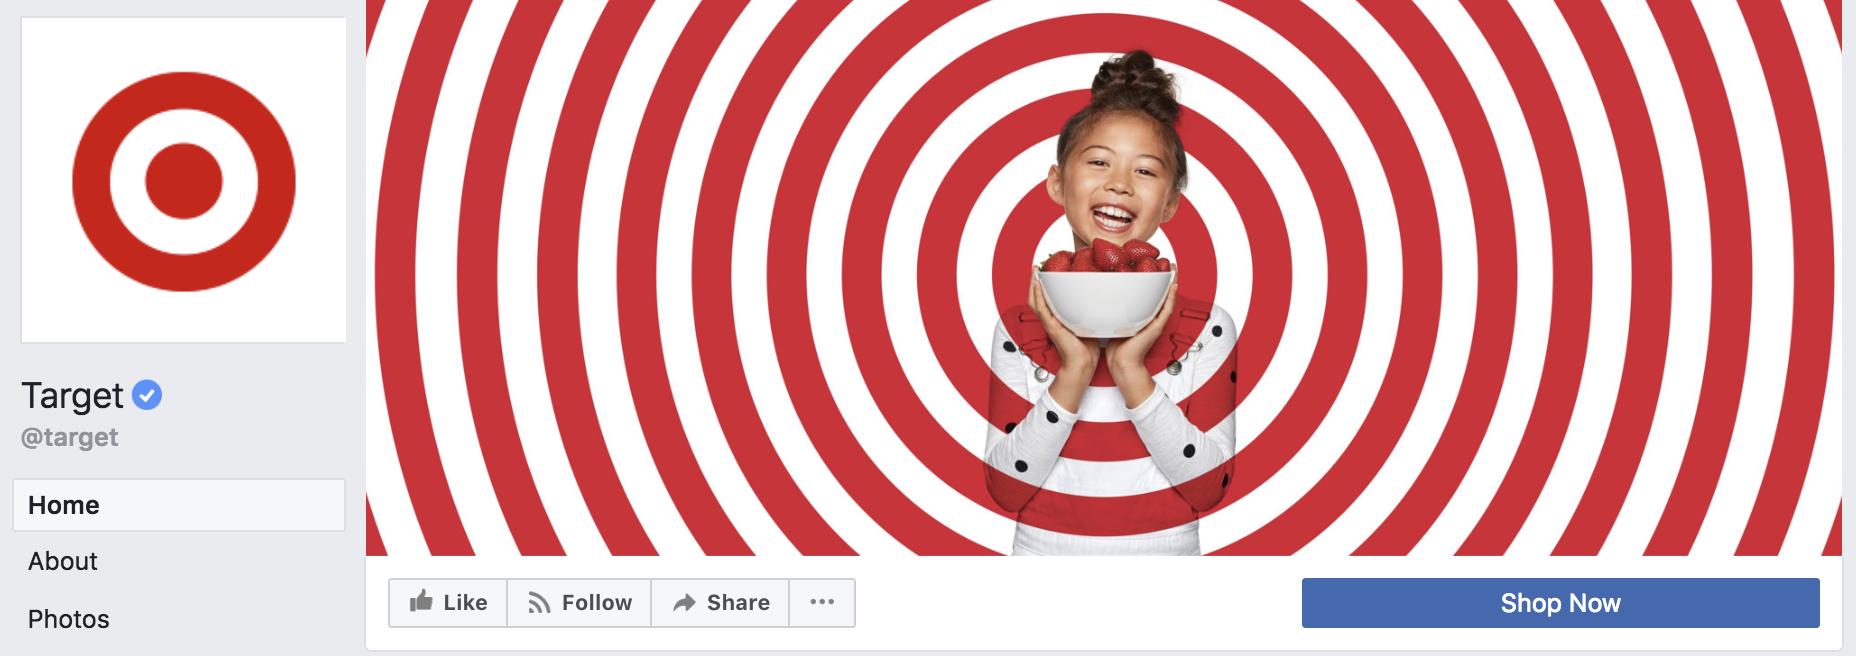 target-facebook-banner